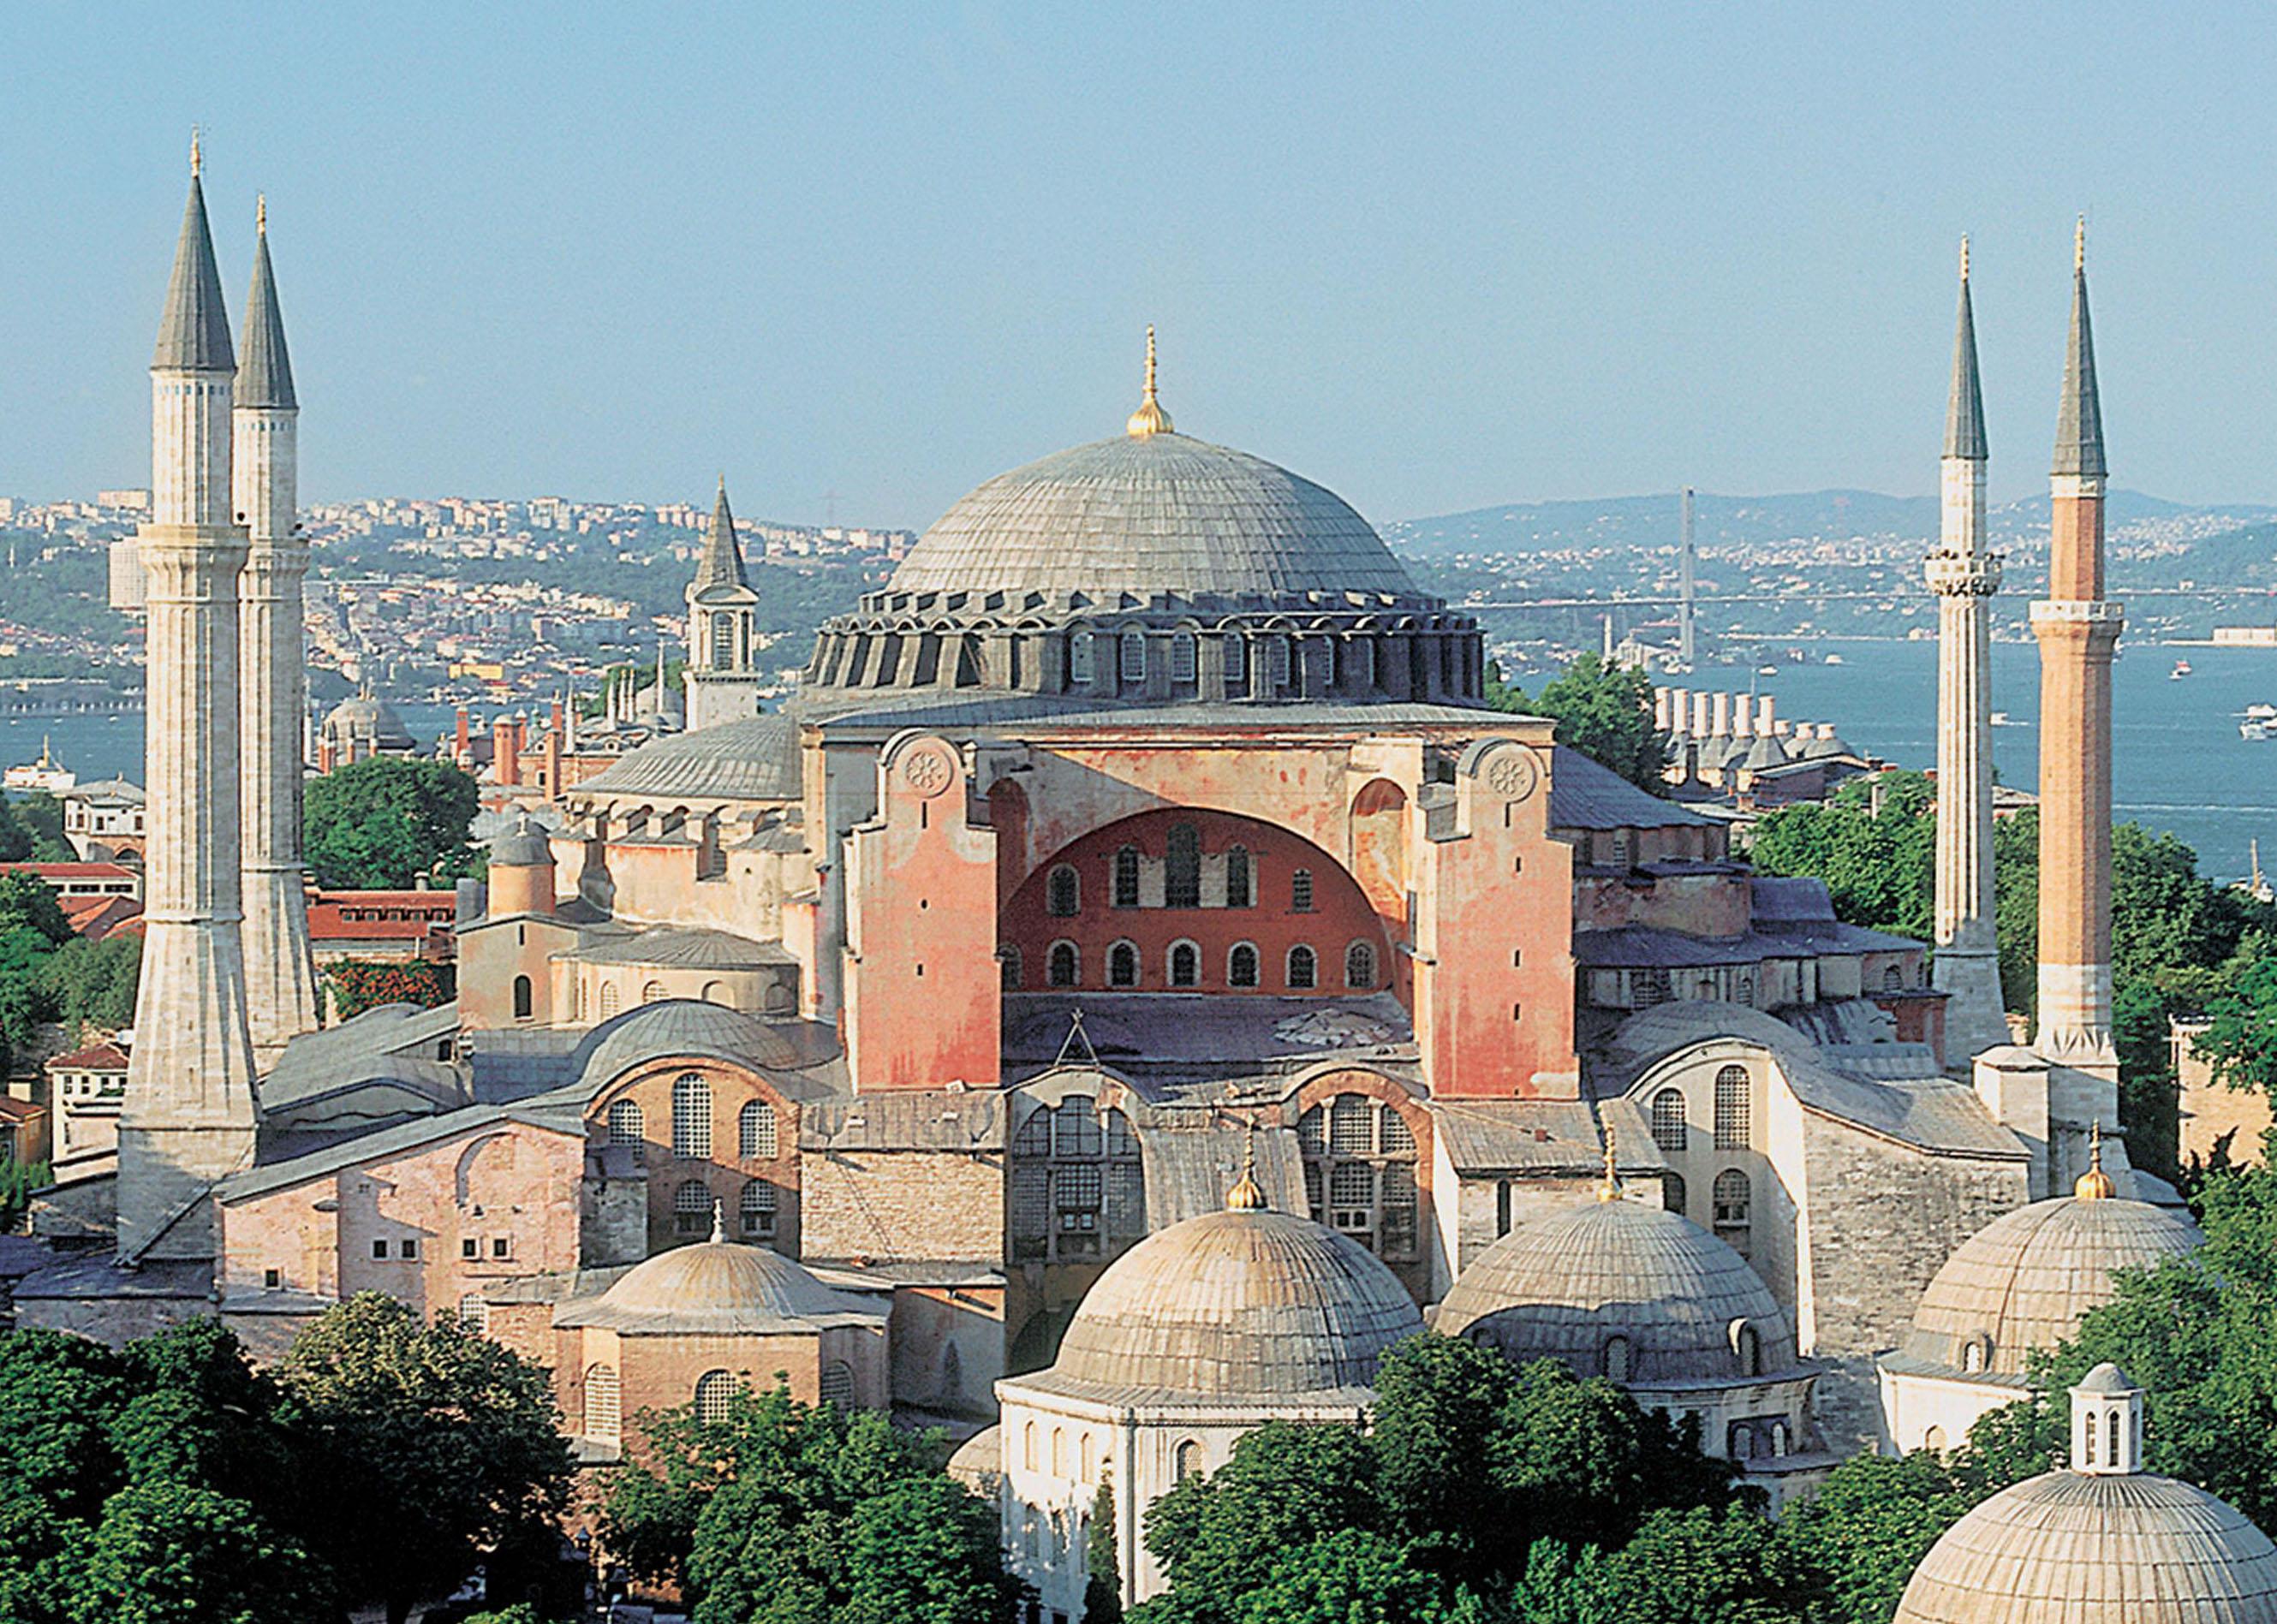 Российские парламентарии обратились к Эрдогану по поводу перестройки собора Святой Софии в мечеть